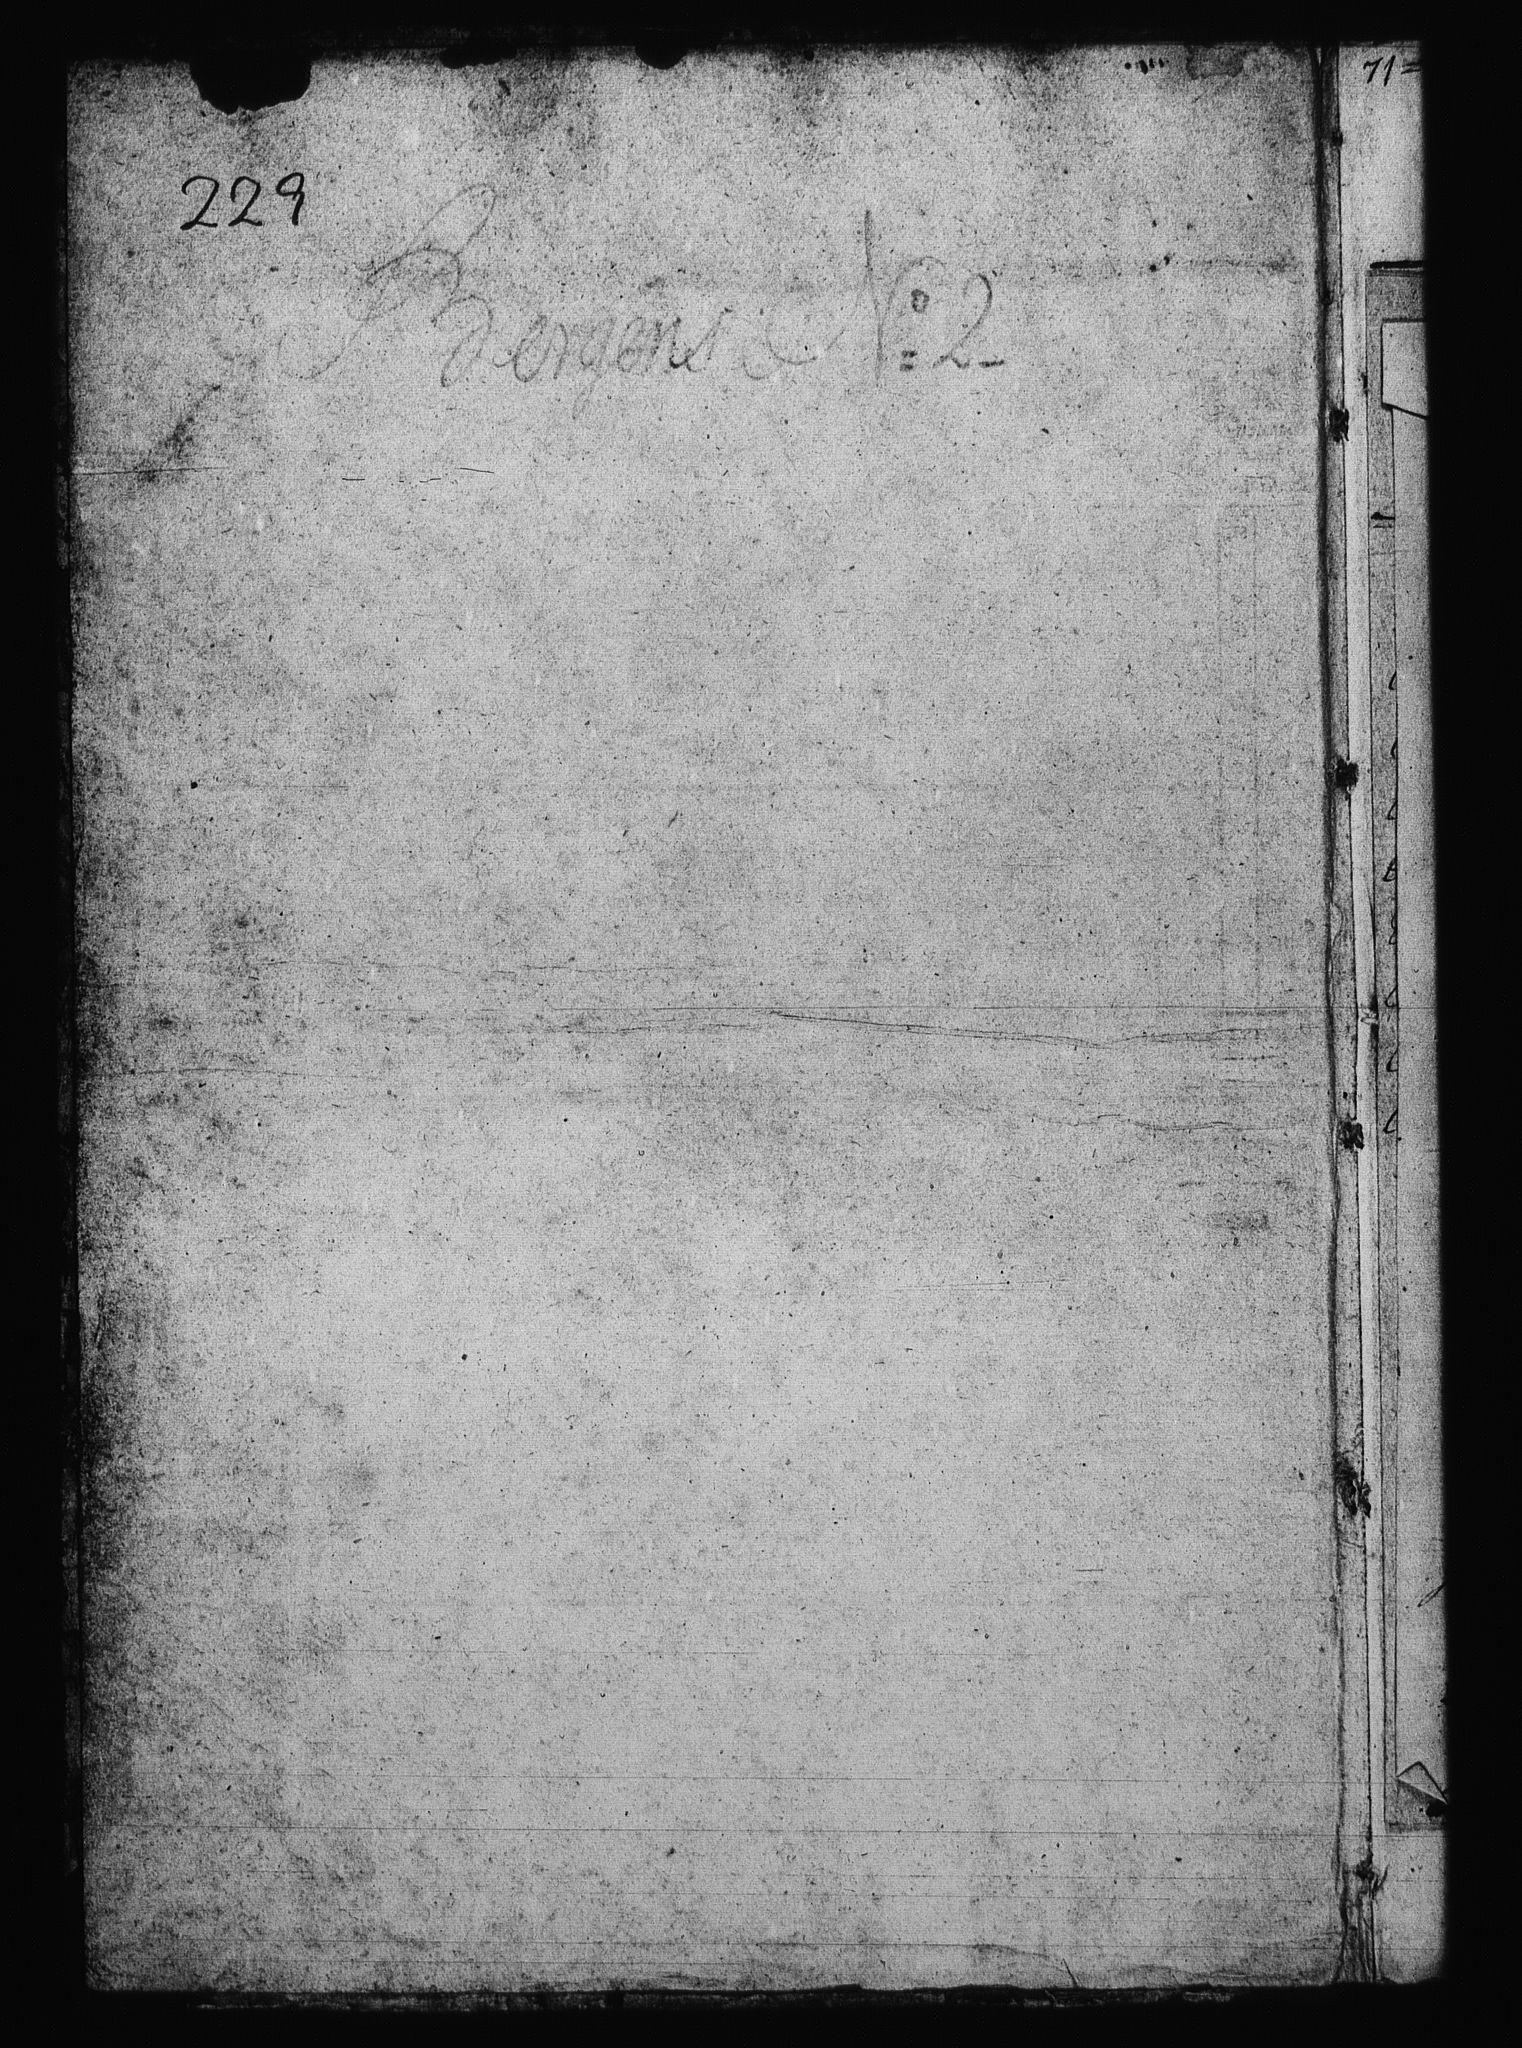 RA, Sjøetaten, F/L0230: Bergen distrikt, bind 2, 1800